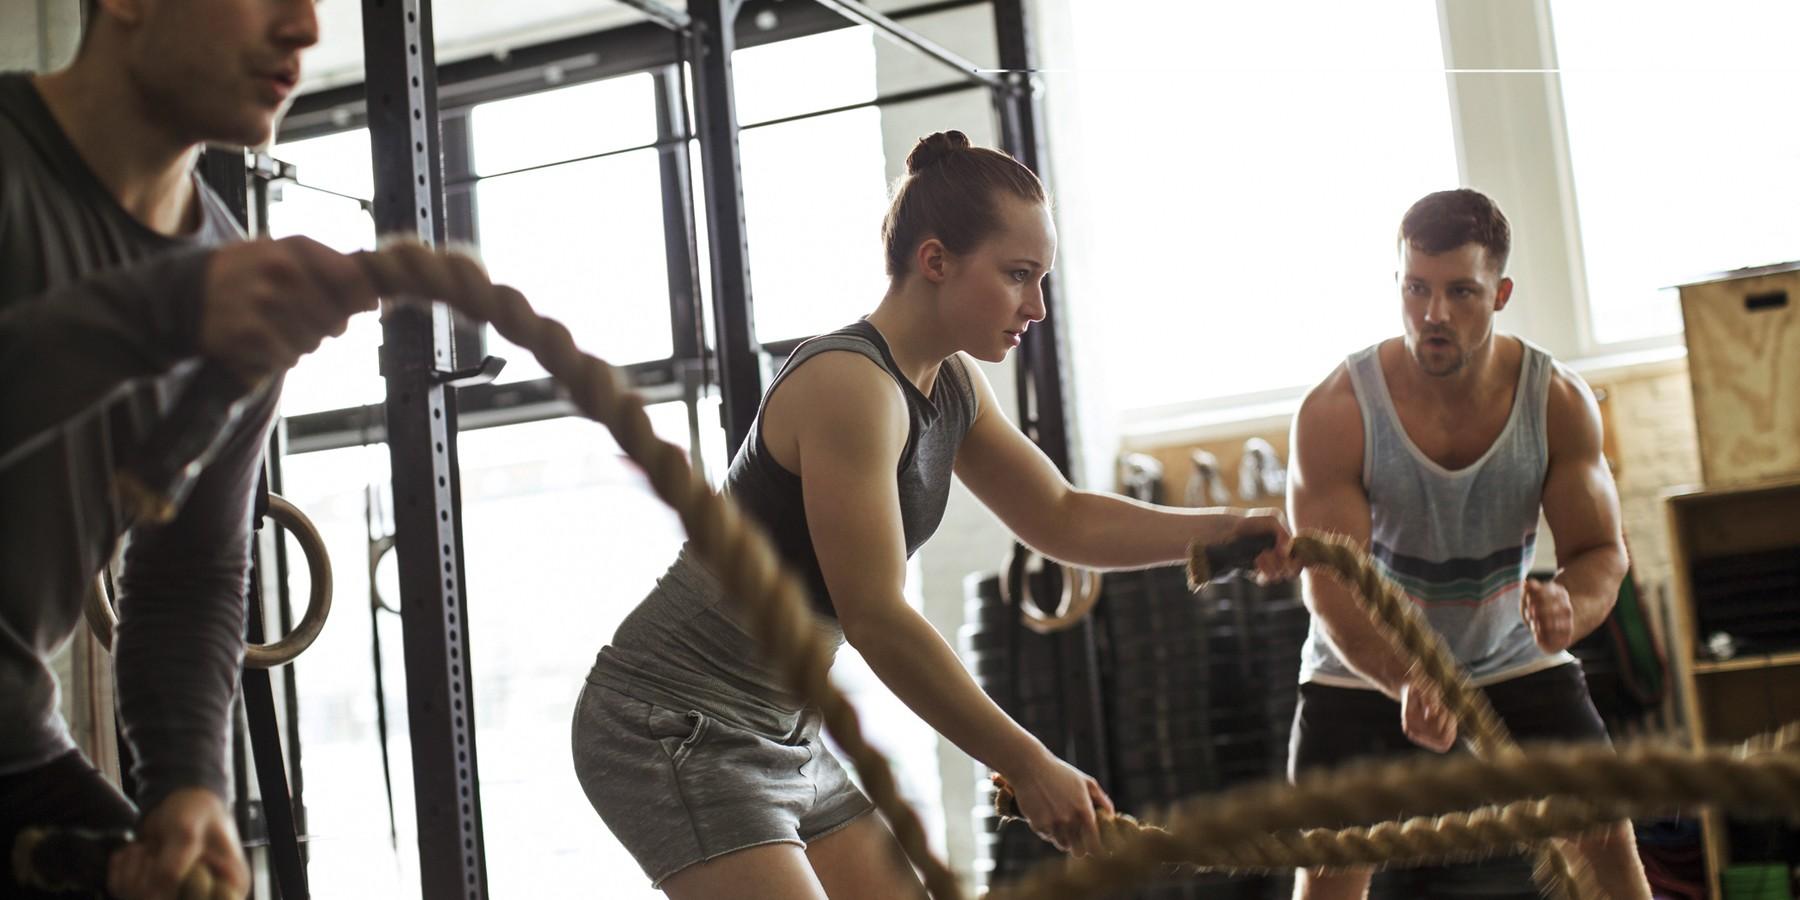 El desafío de ser más fuertes y saludables